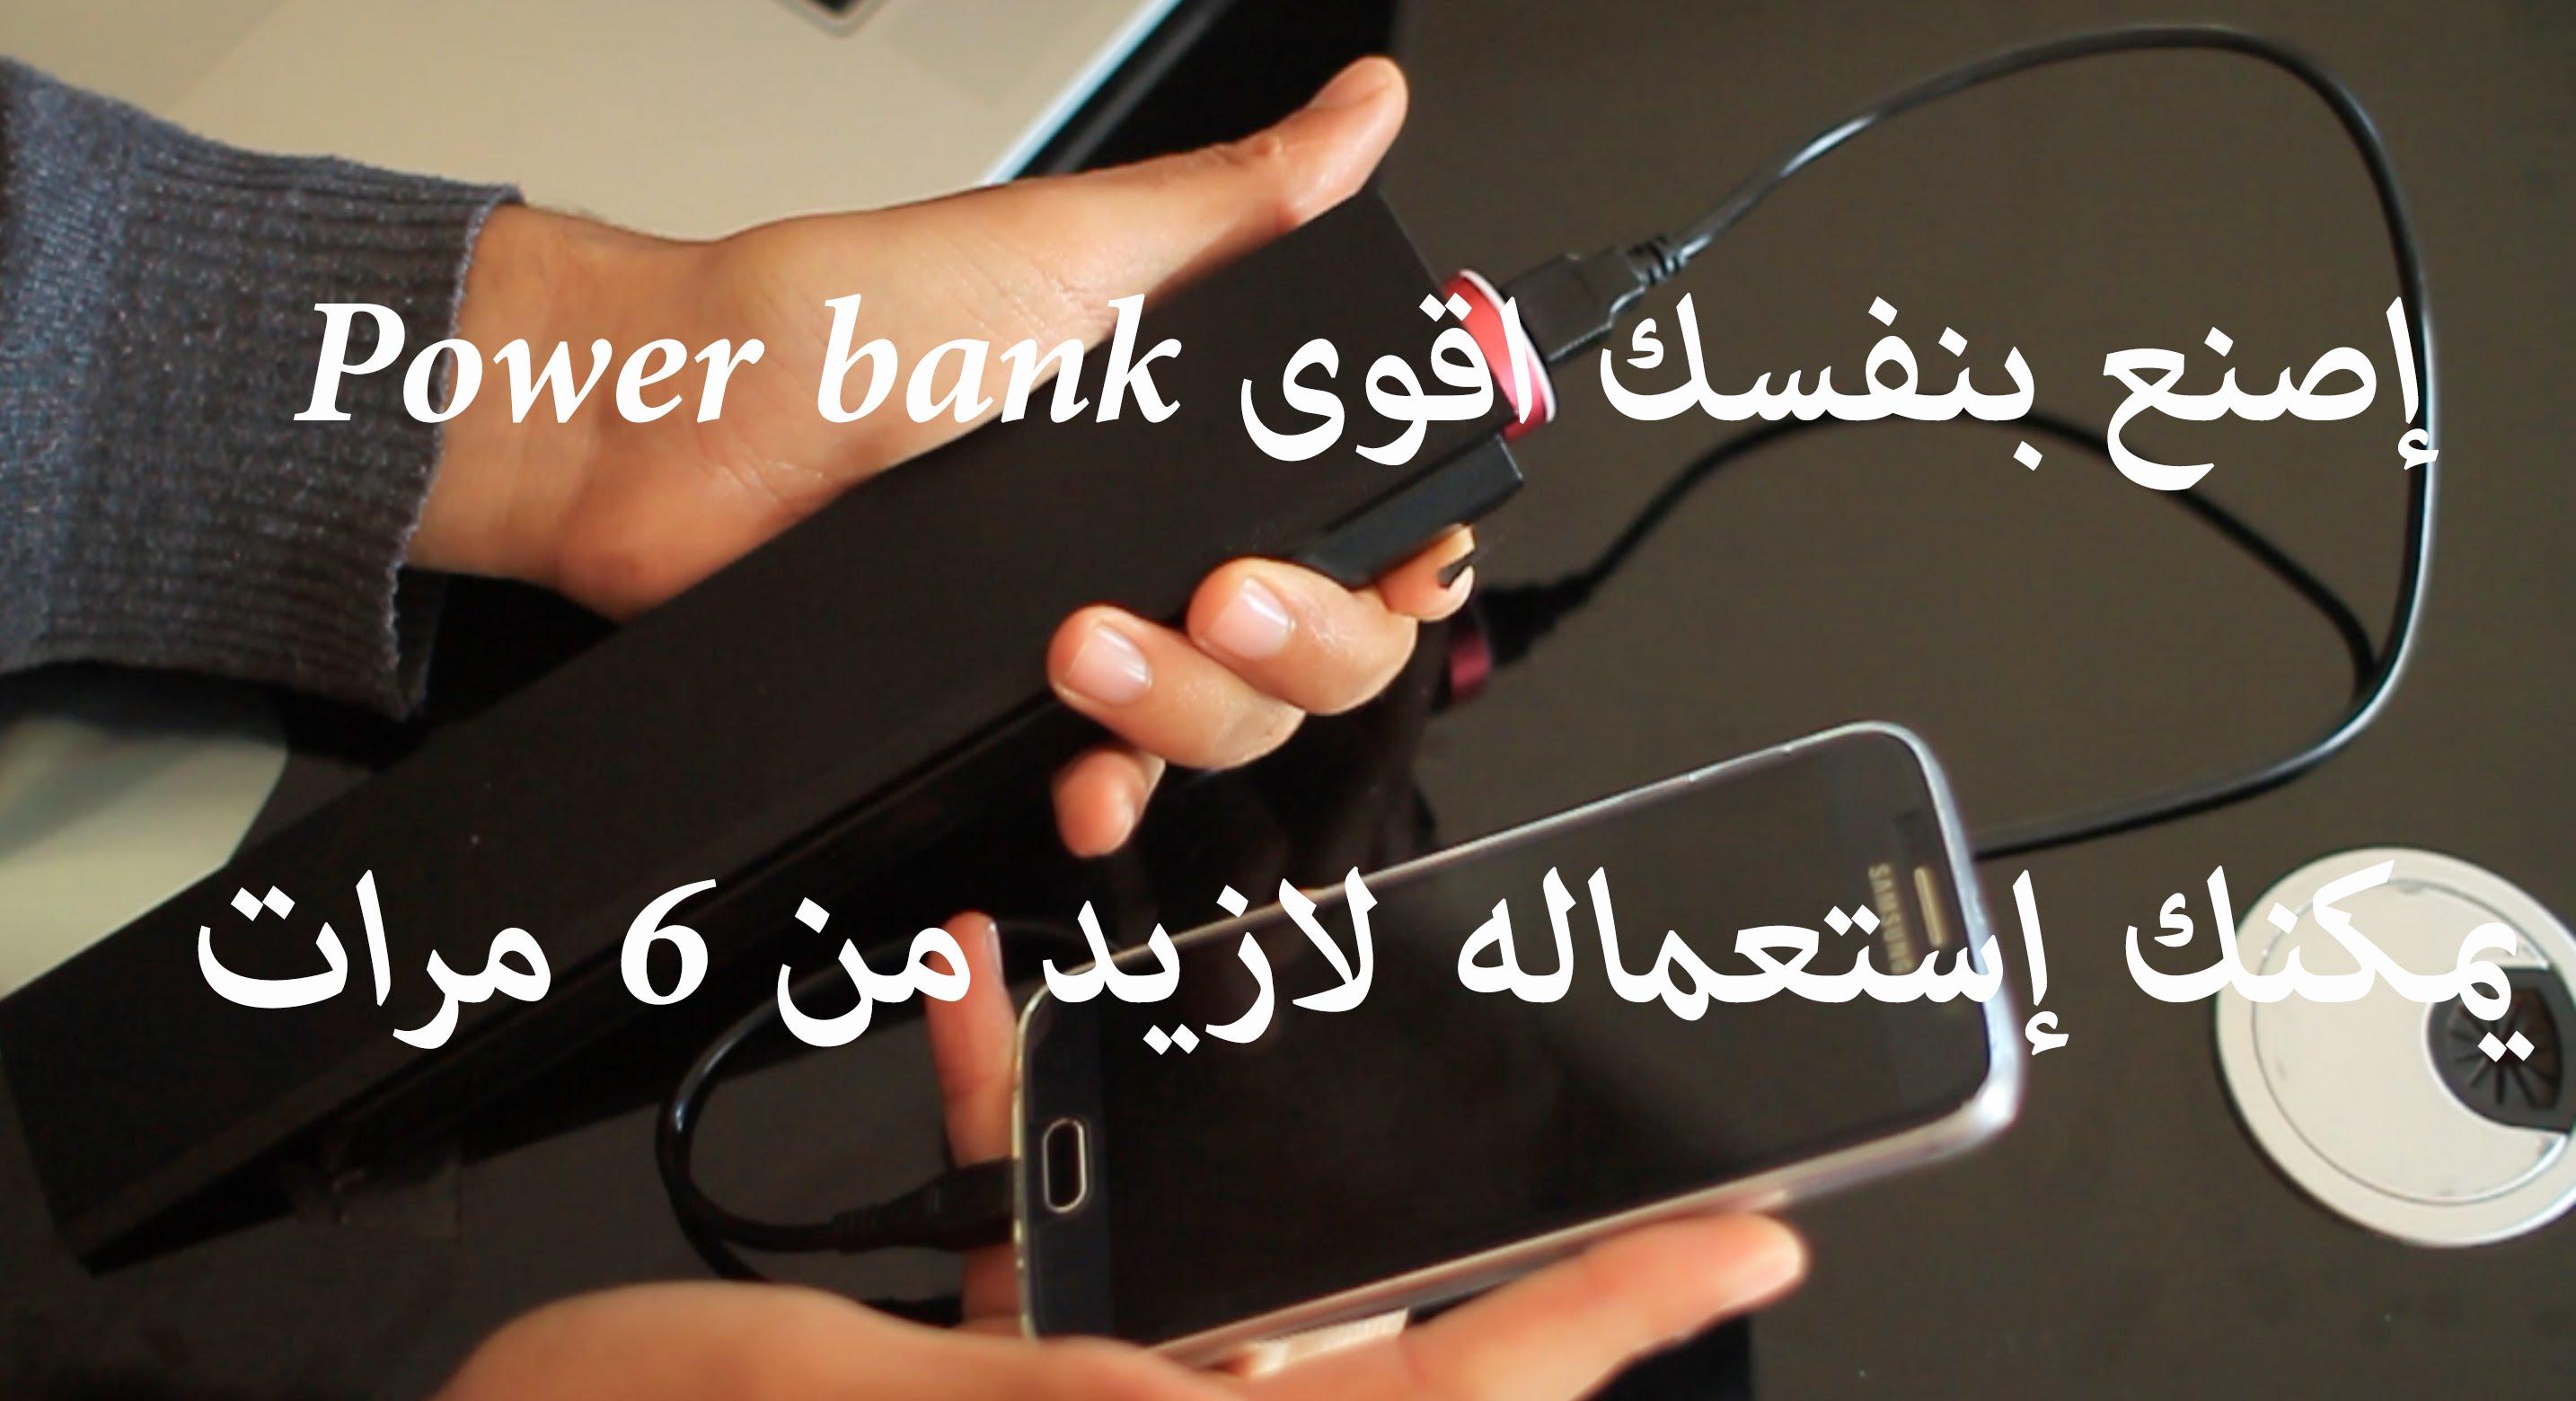 فيديو : كيف تصنع لنفسك power bank لهاتفك باستخدام بطارية لابتوب قديم !